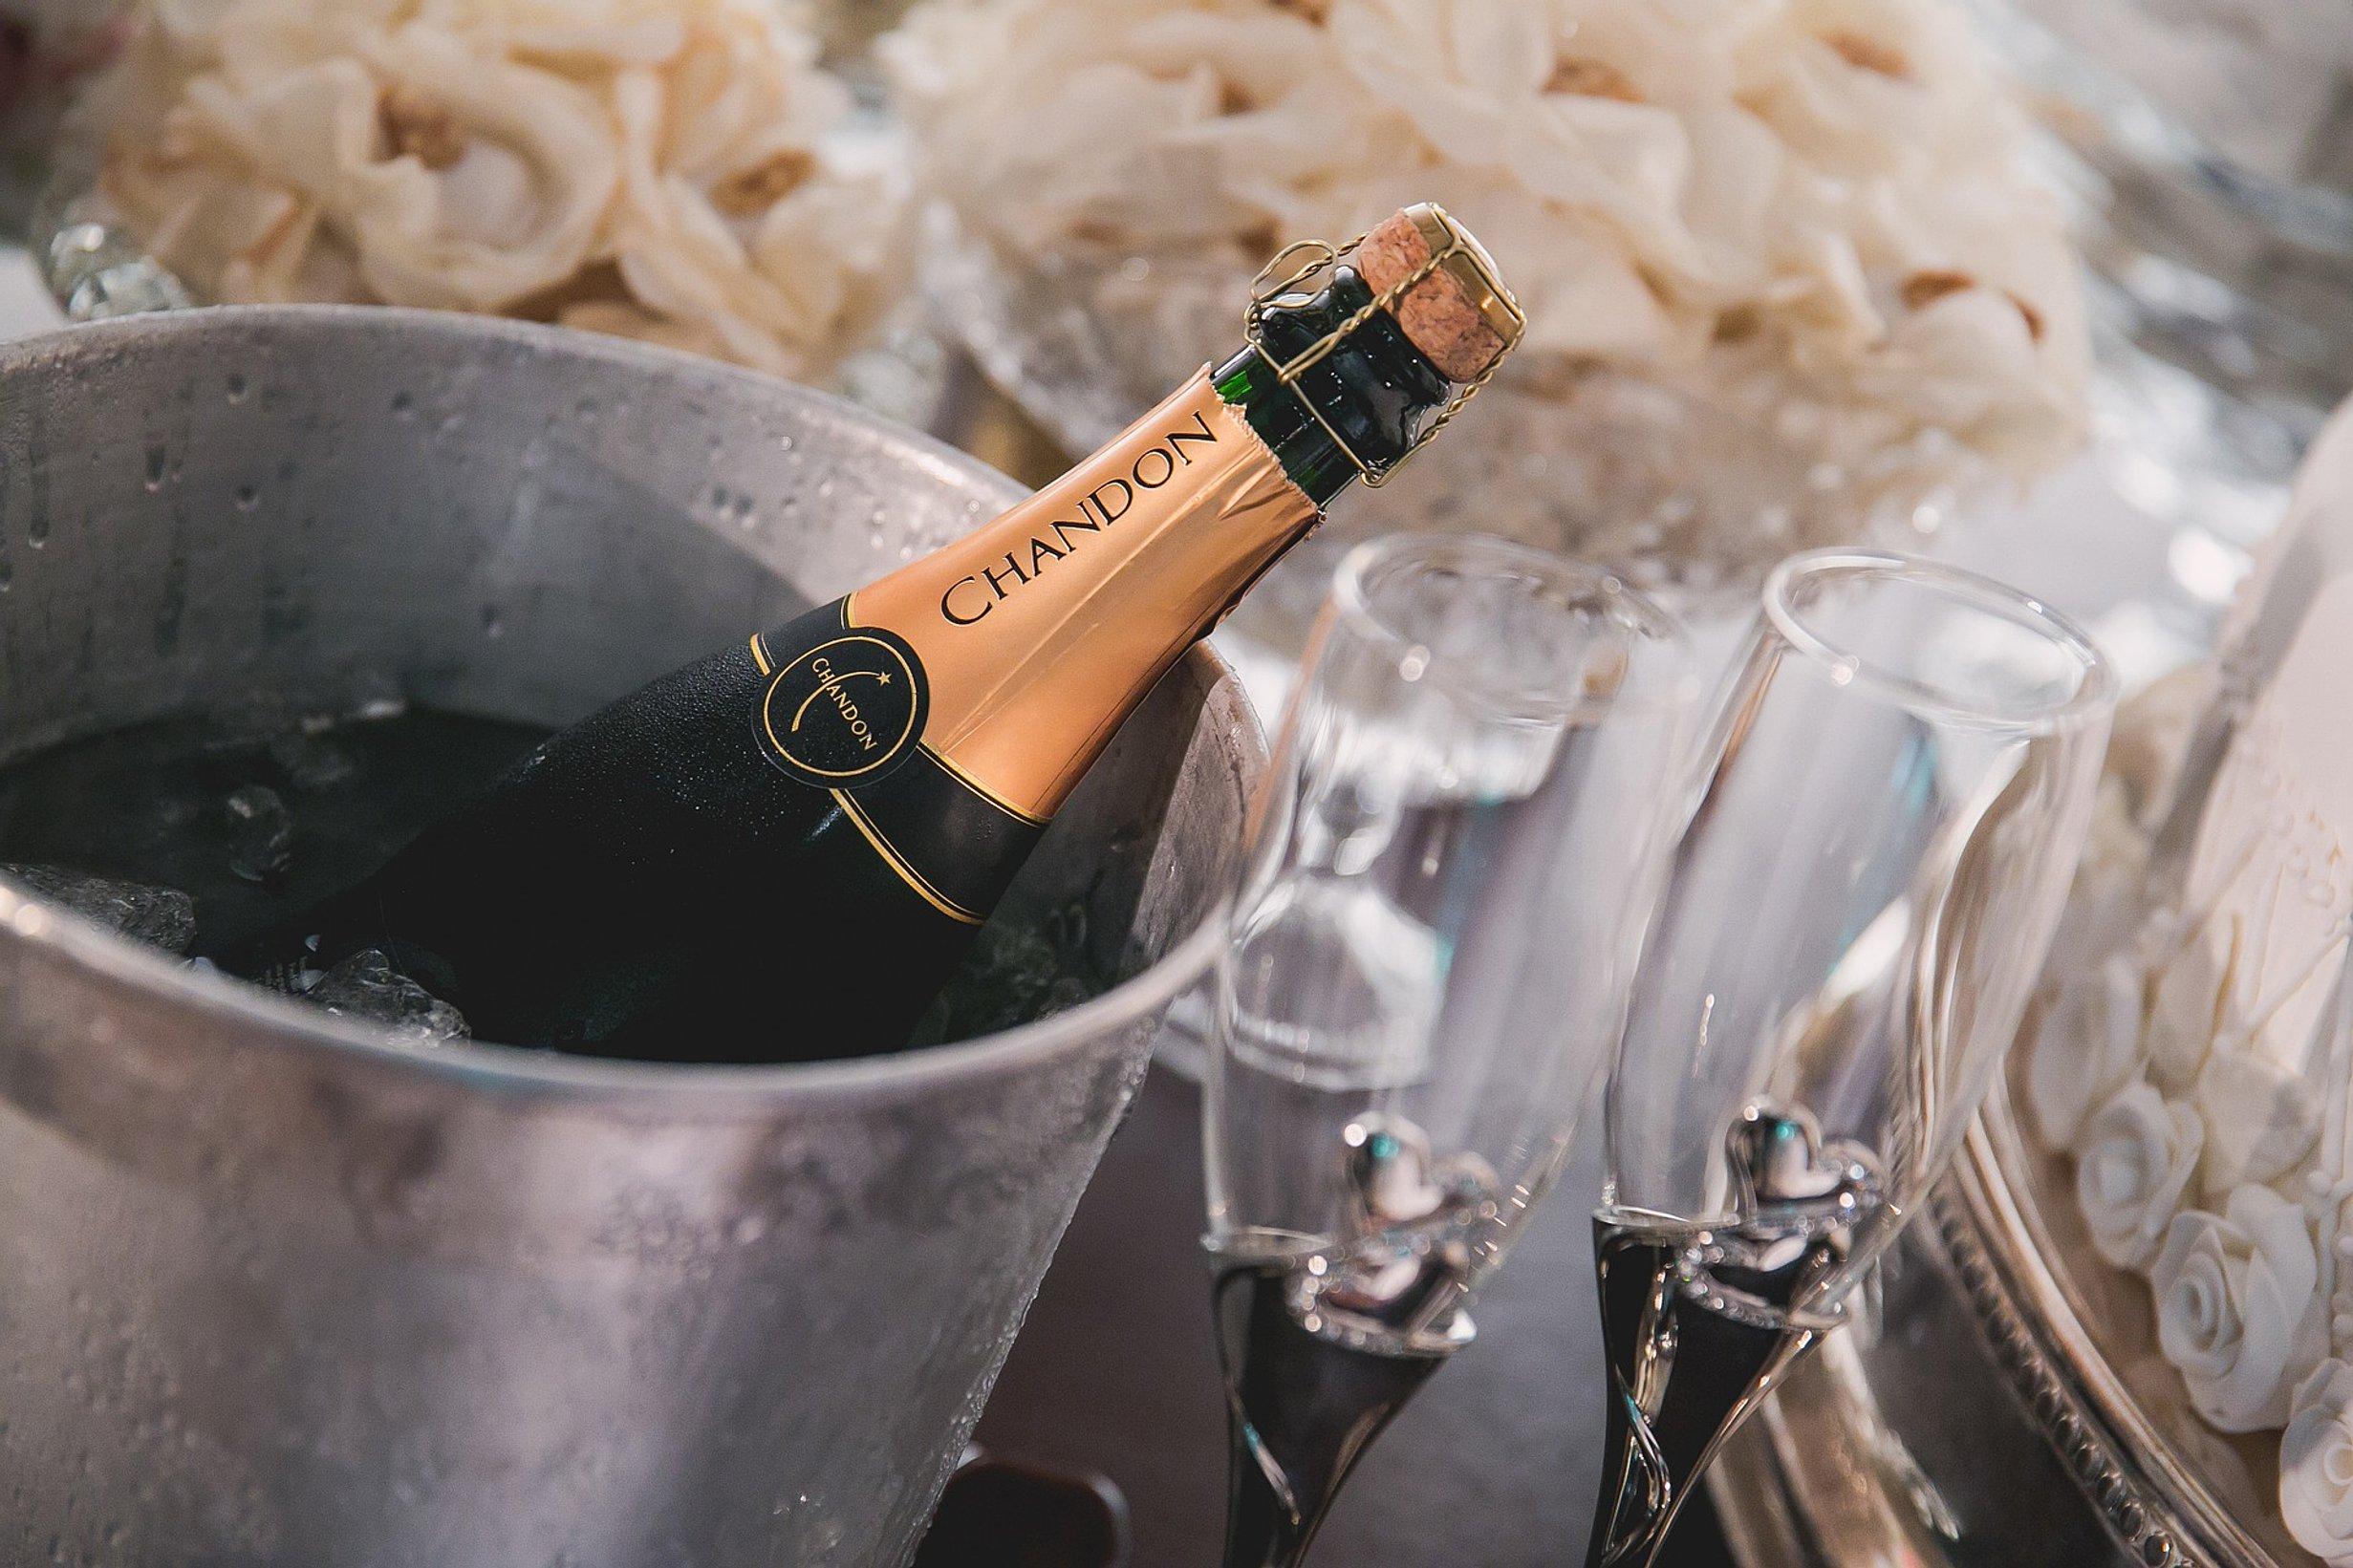 Как правильно открывать шампанское: рекомендации, нюансы, особенности этикета